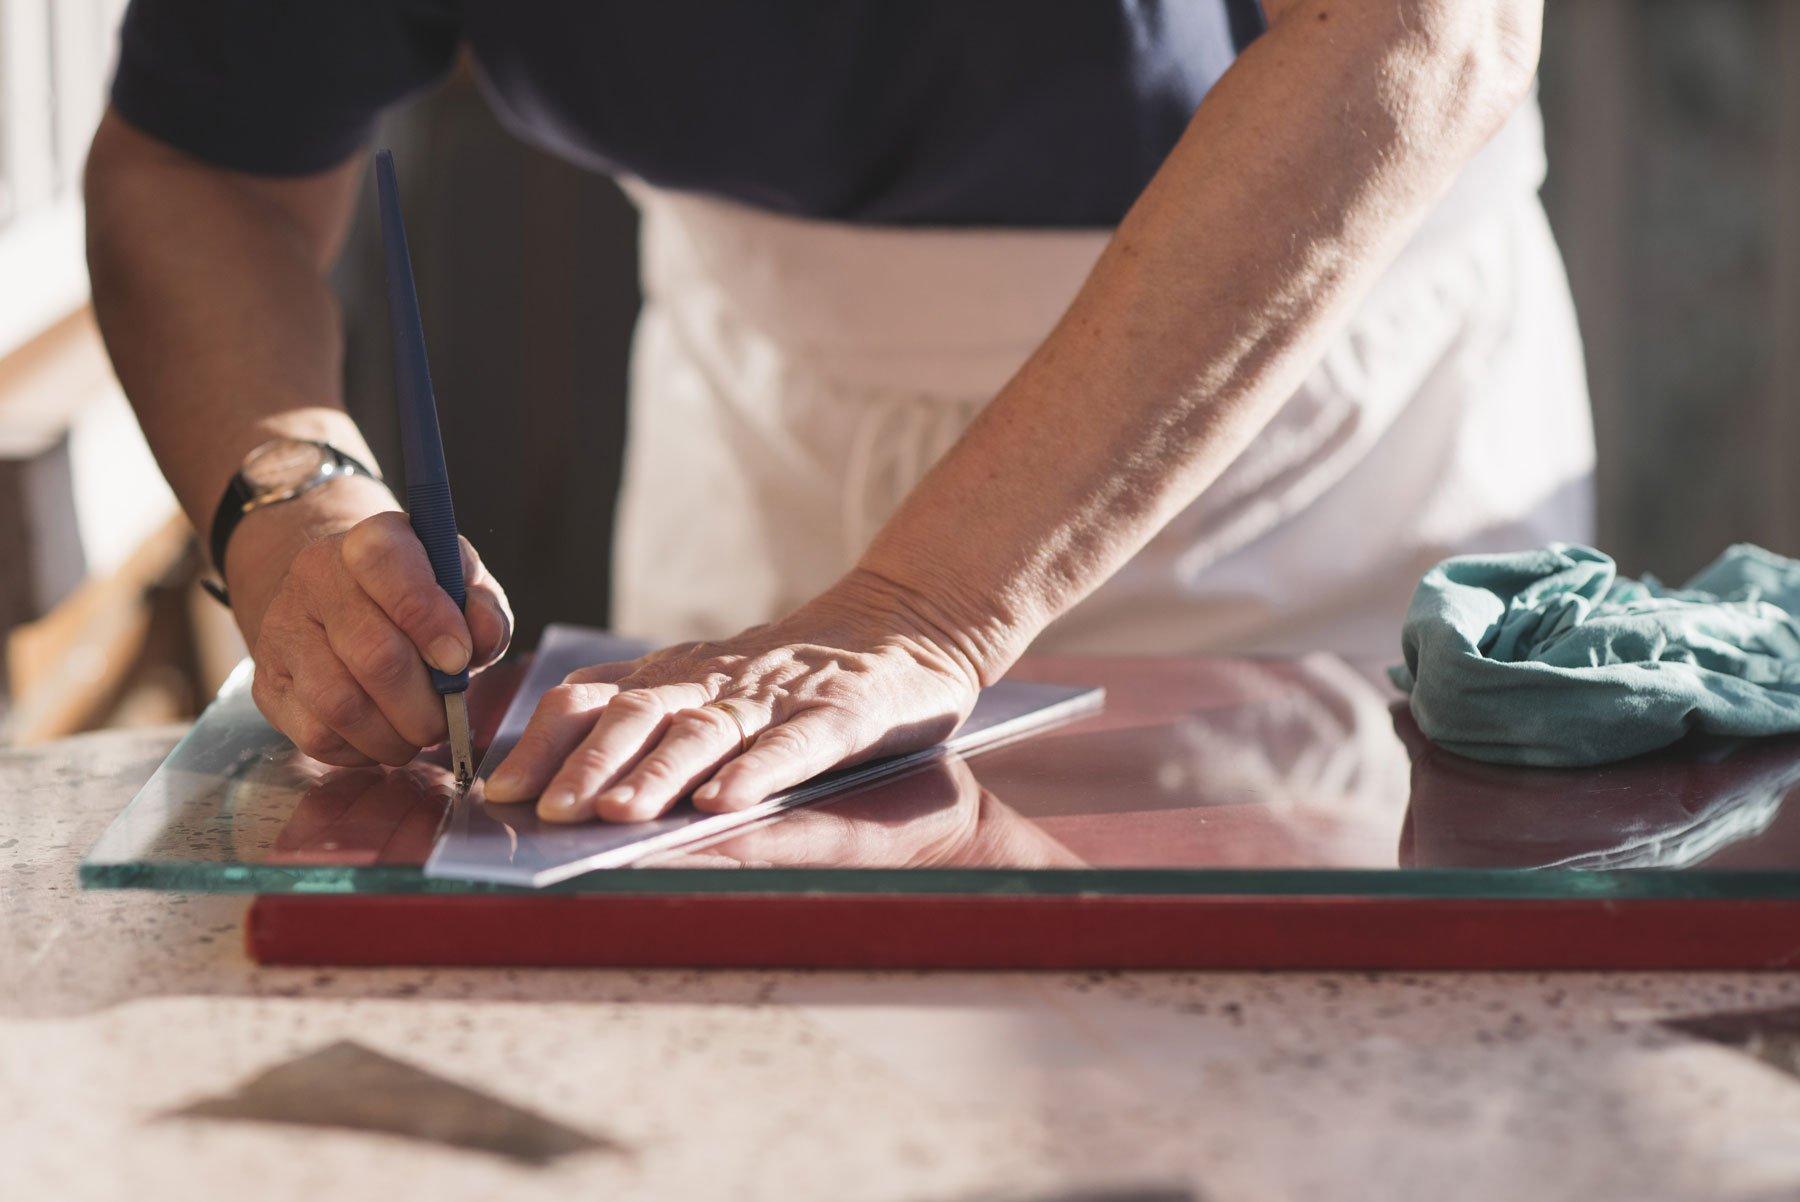 Mani lavorano su lastra di vetro con punta di diamante